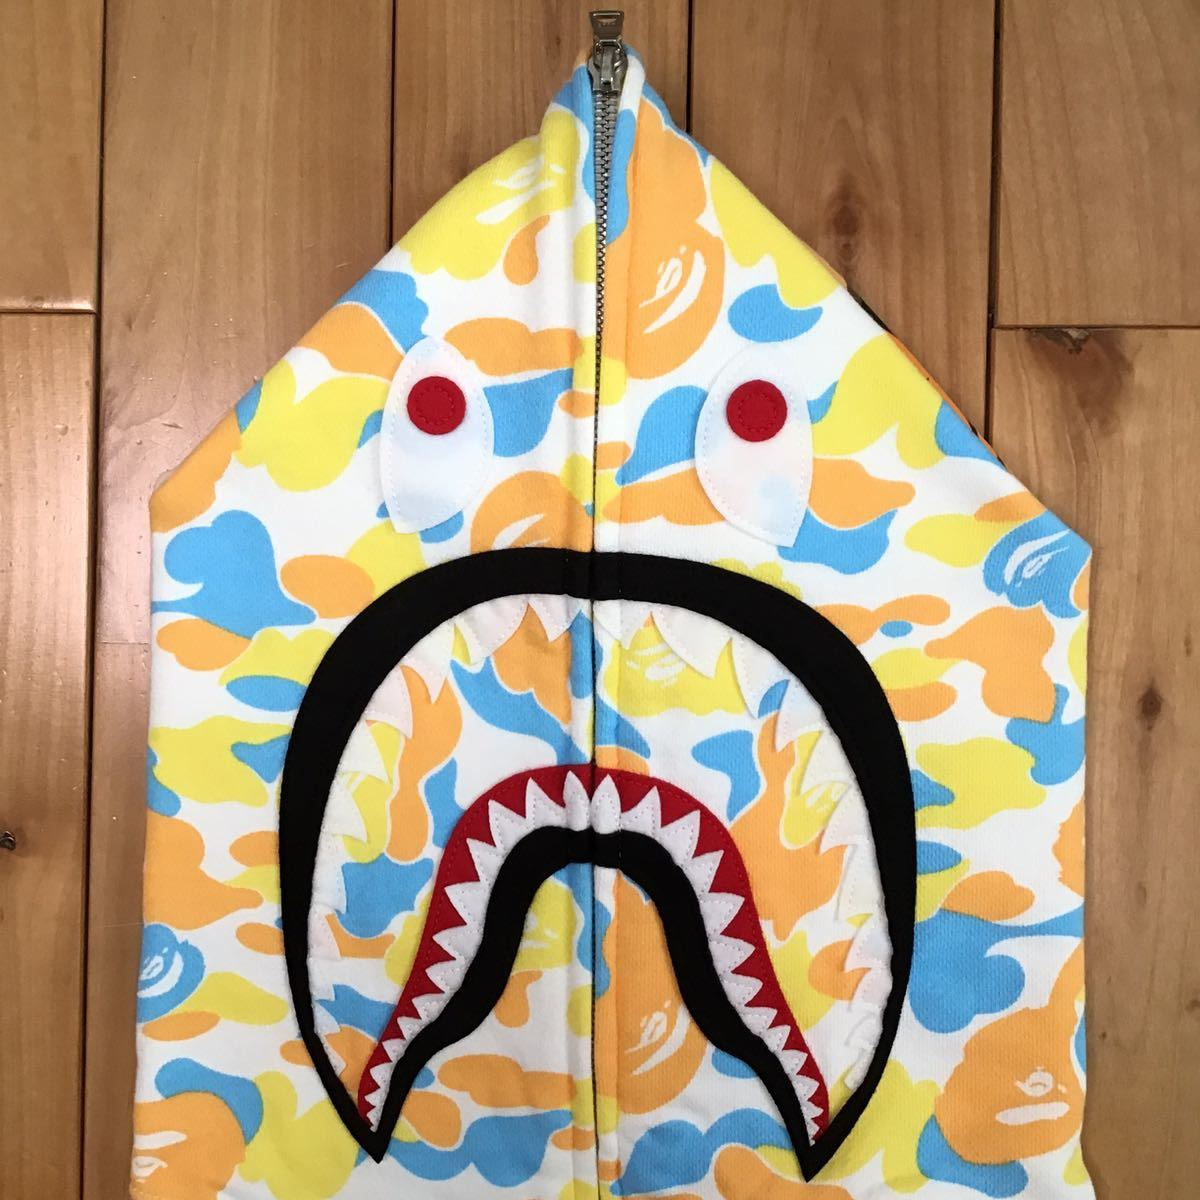 ★札幌限定★ sapporo city camo シャーク パーカー Lサイズ shark full zip hoodie a bathing ape BAPE エイプ ベイプ 都市限定 迷彩 115